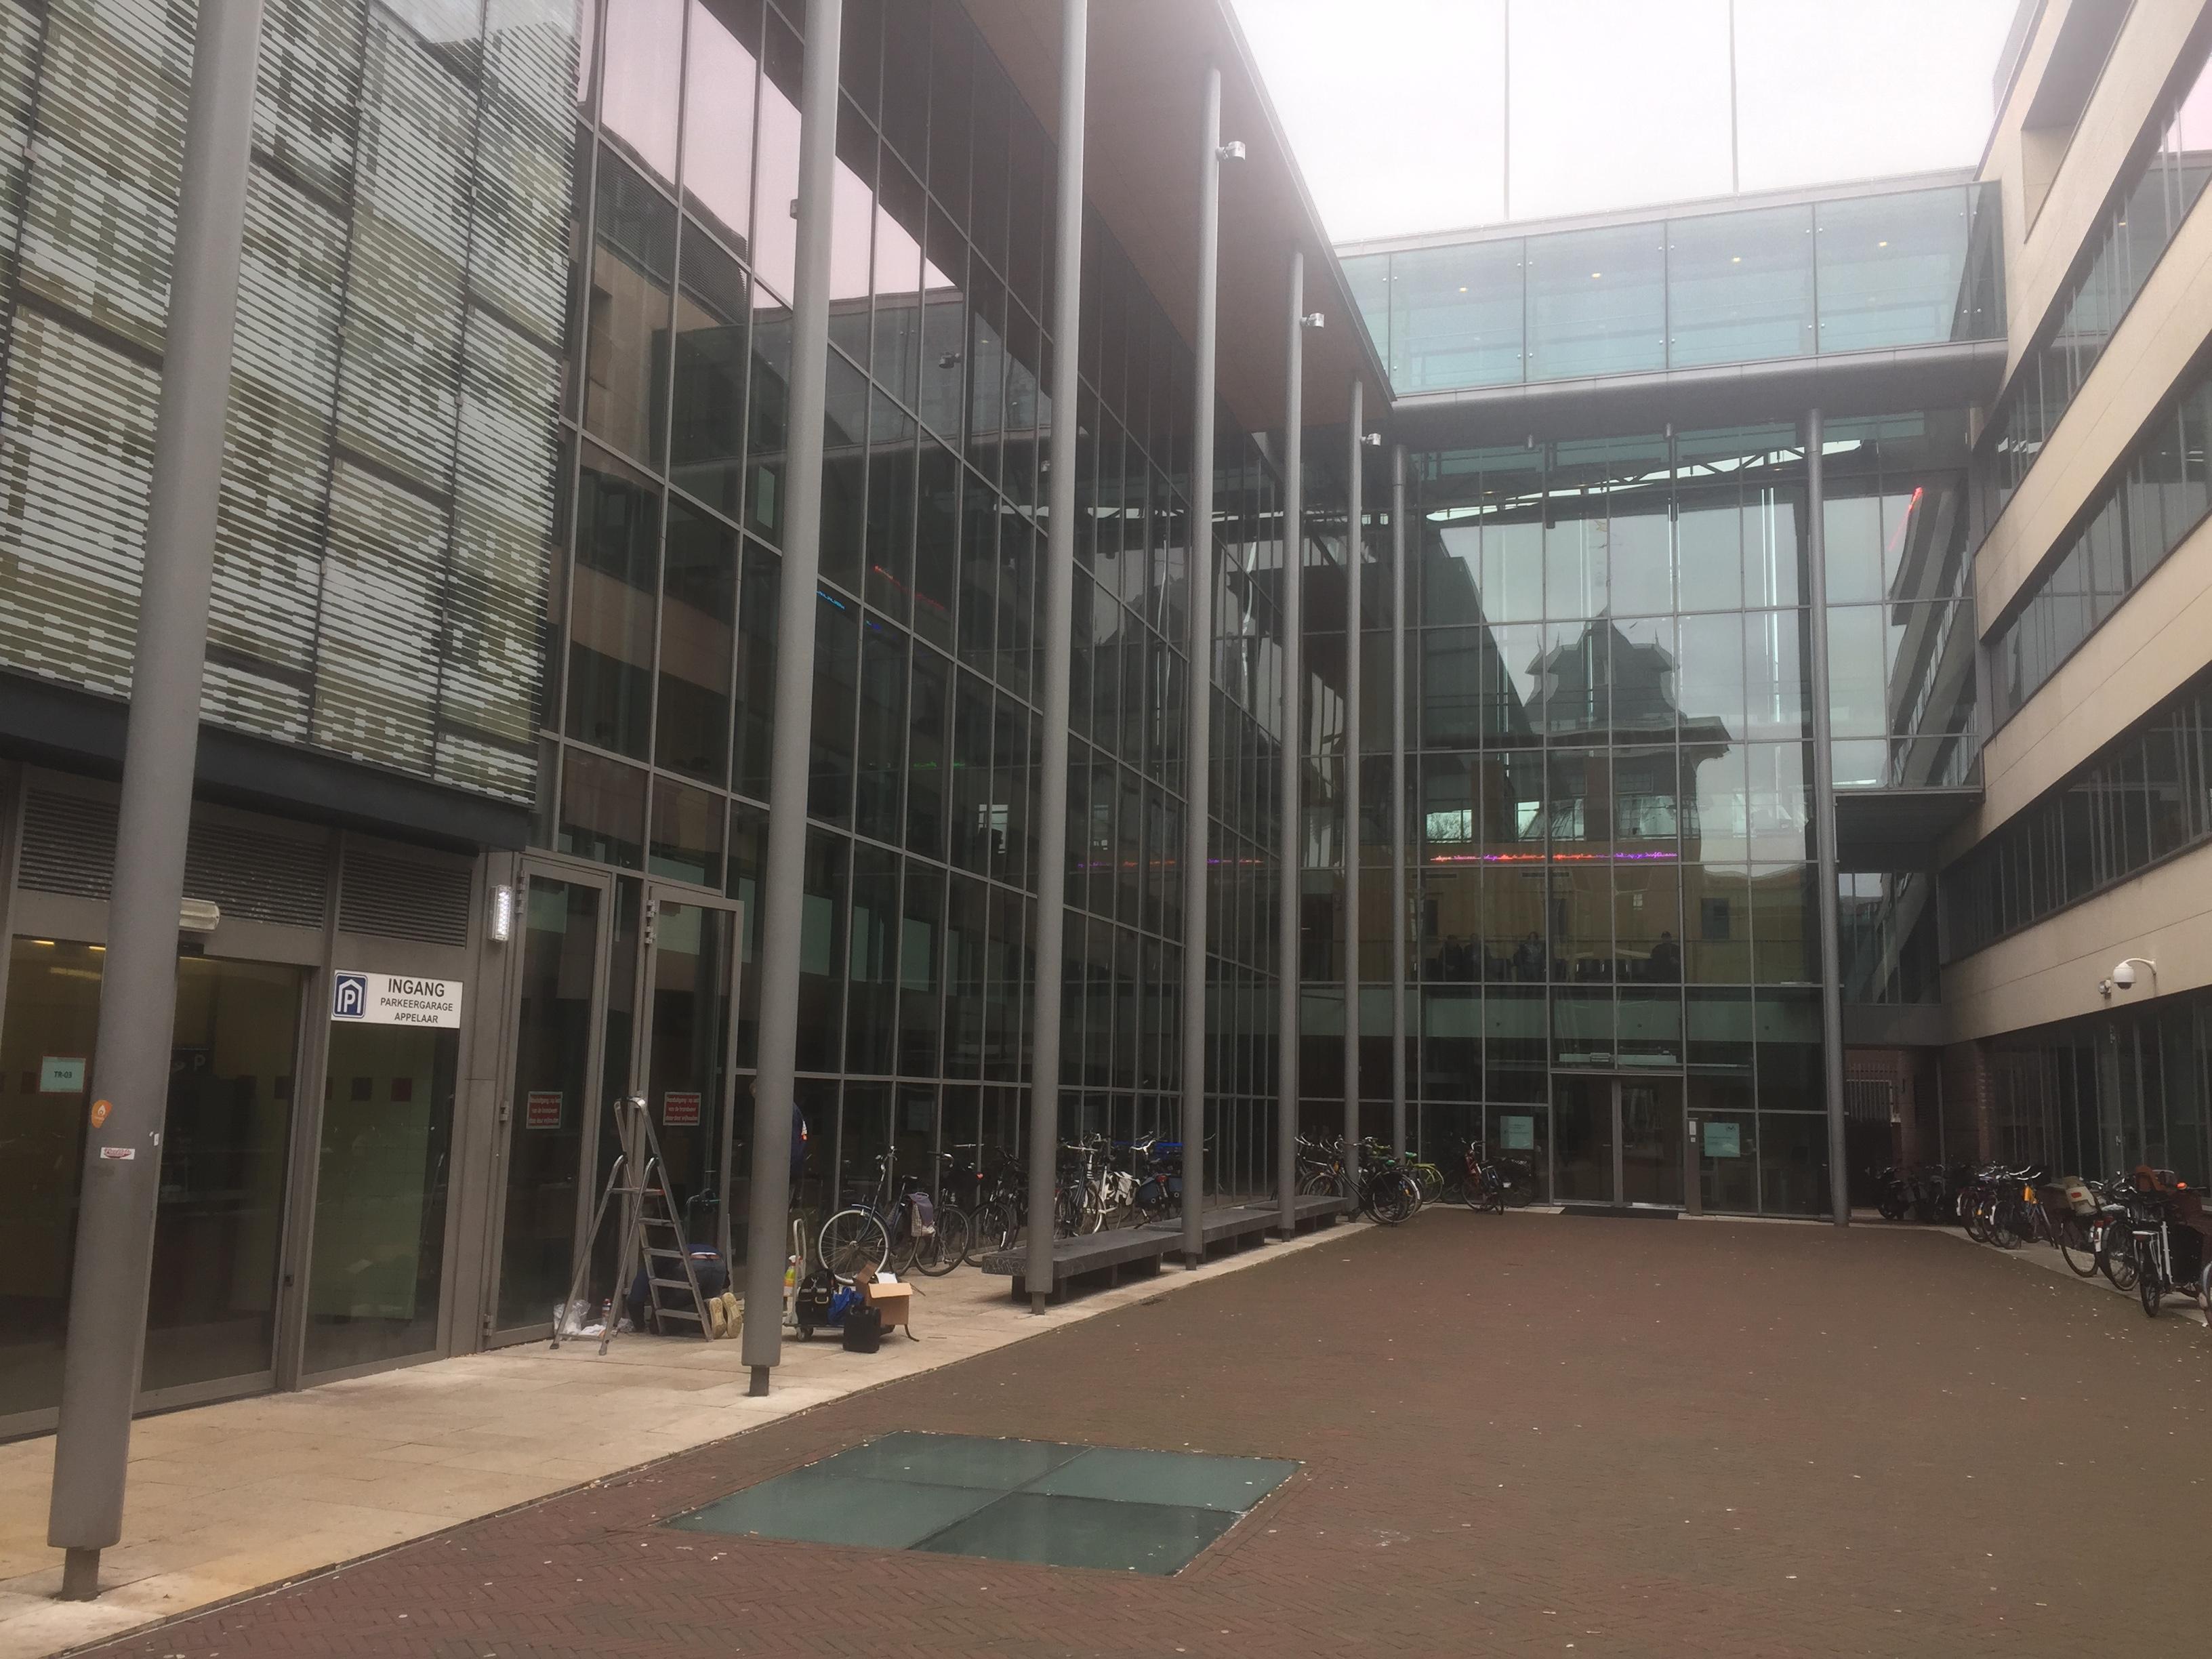 OM: Idioot bravoure-gedrag leidde tot heftig ongeluk in Haarlem, inzittende raakte verlamd door autocrash